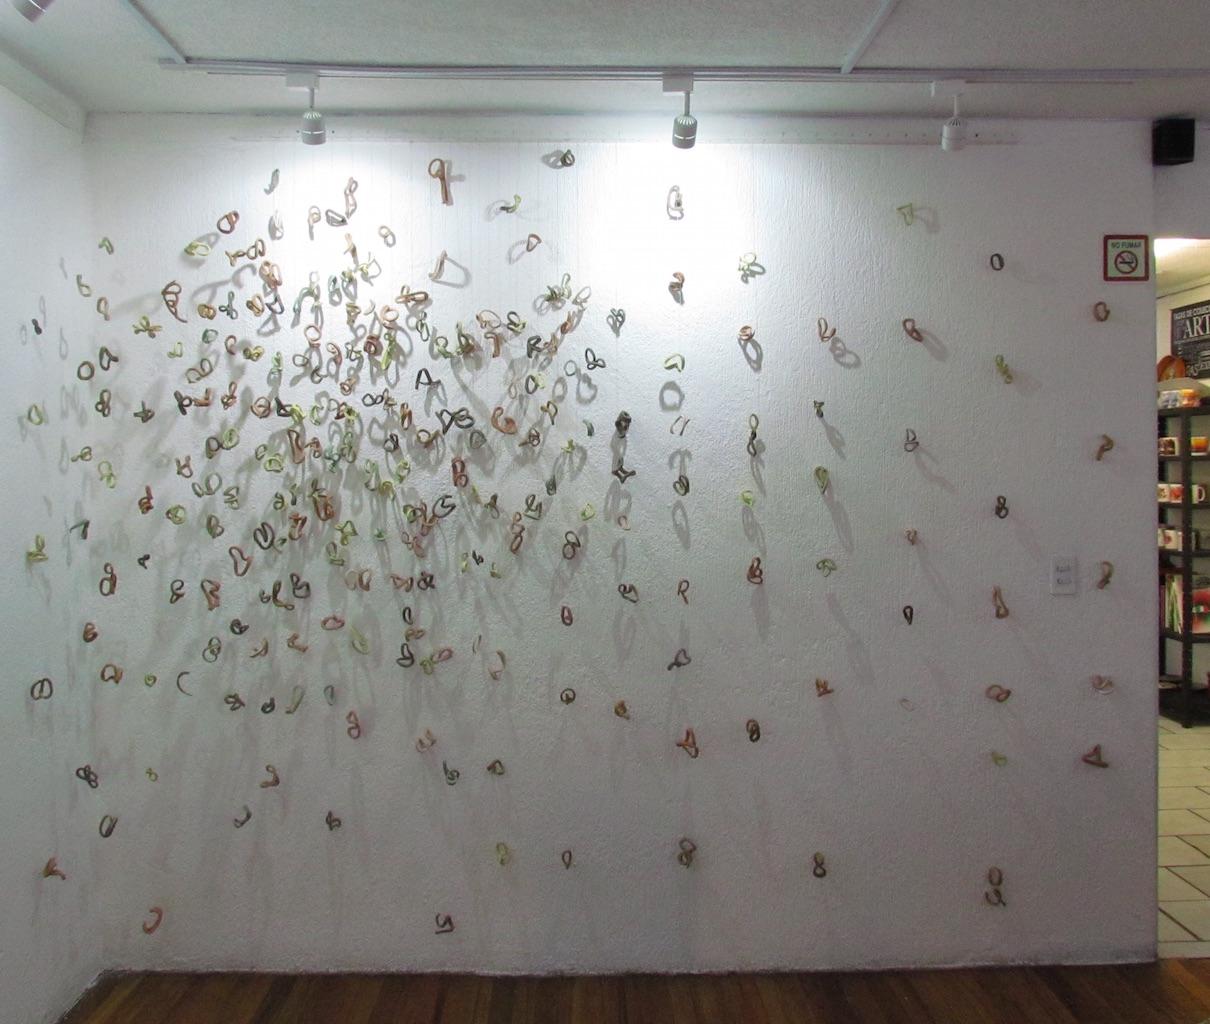 Néstor_Ortega_Vargas,_Sin_título,_200_piezas,__$13,000